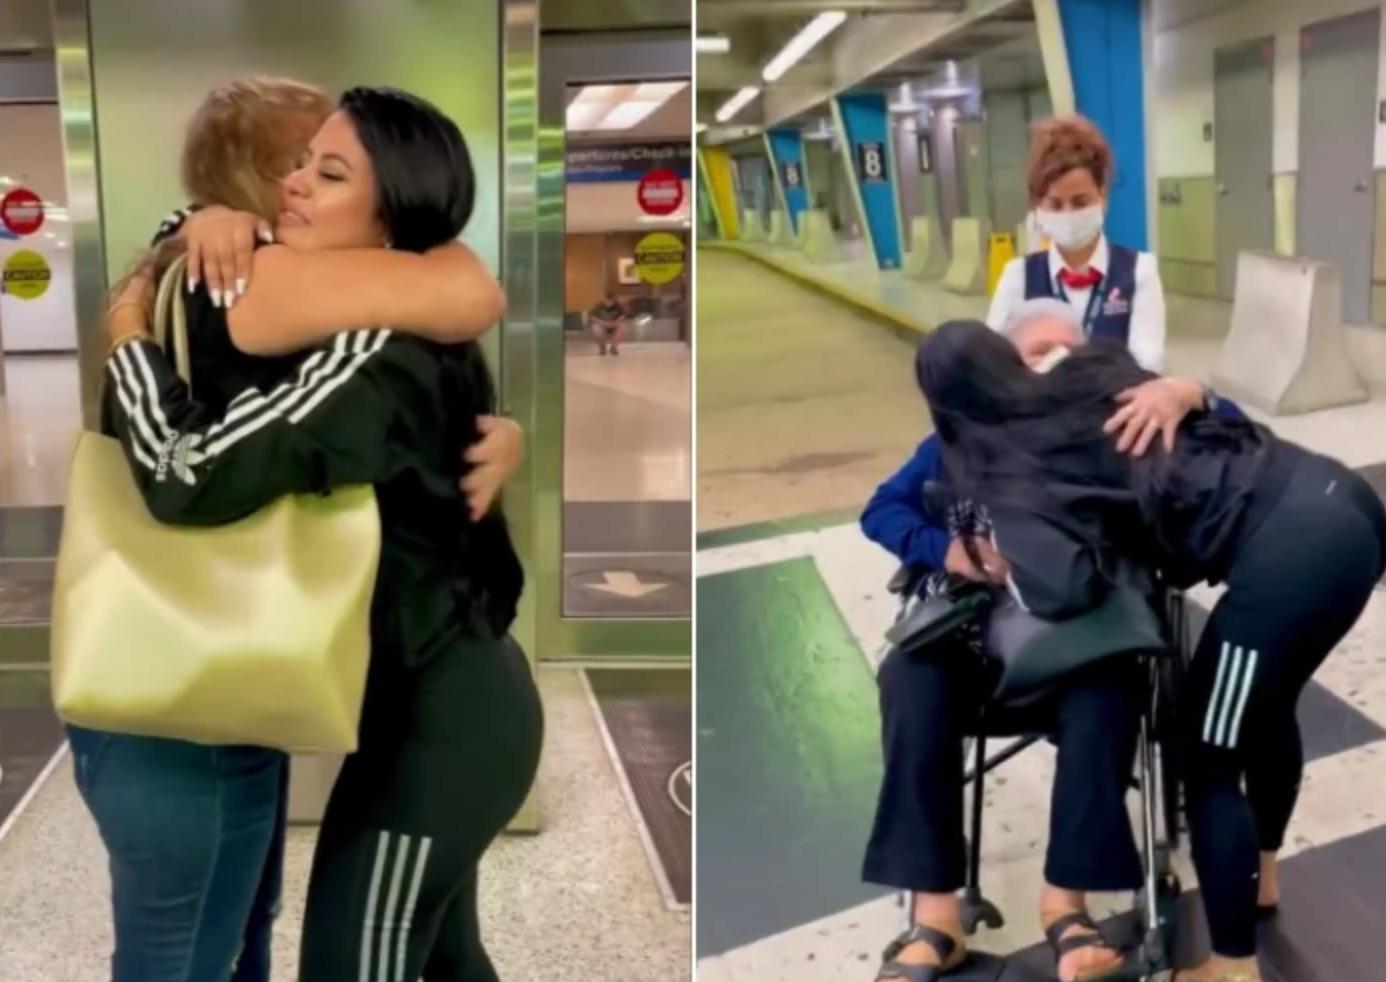 La Dura protagoniza emotivo encuentro con su abuela y su mamá: Estoy muy feliz